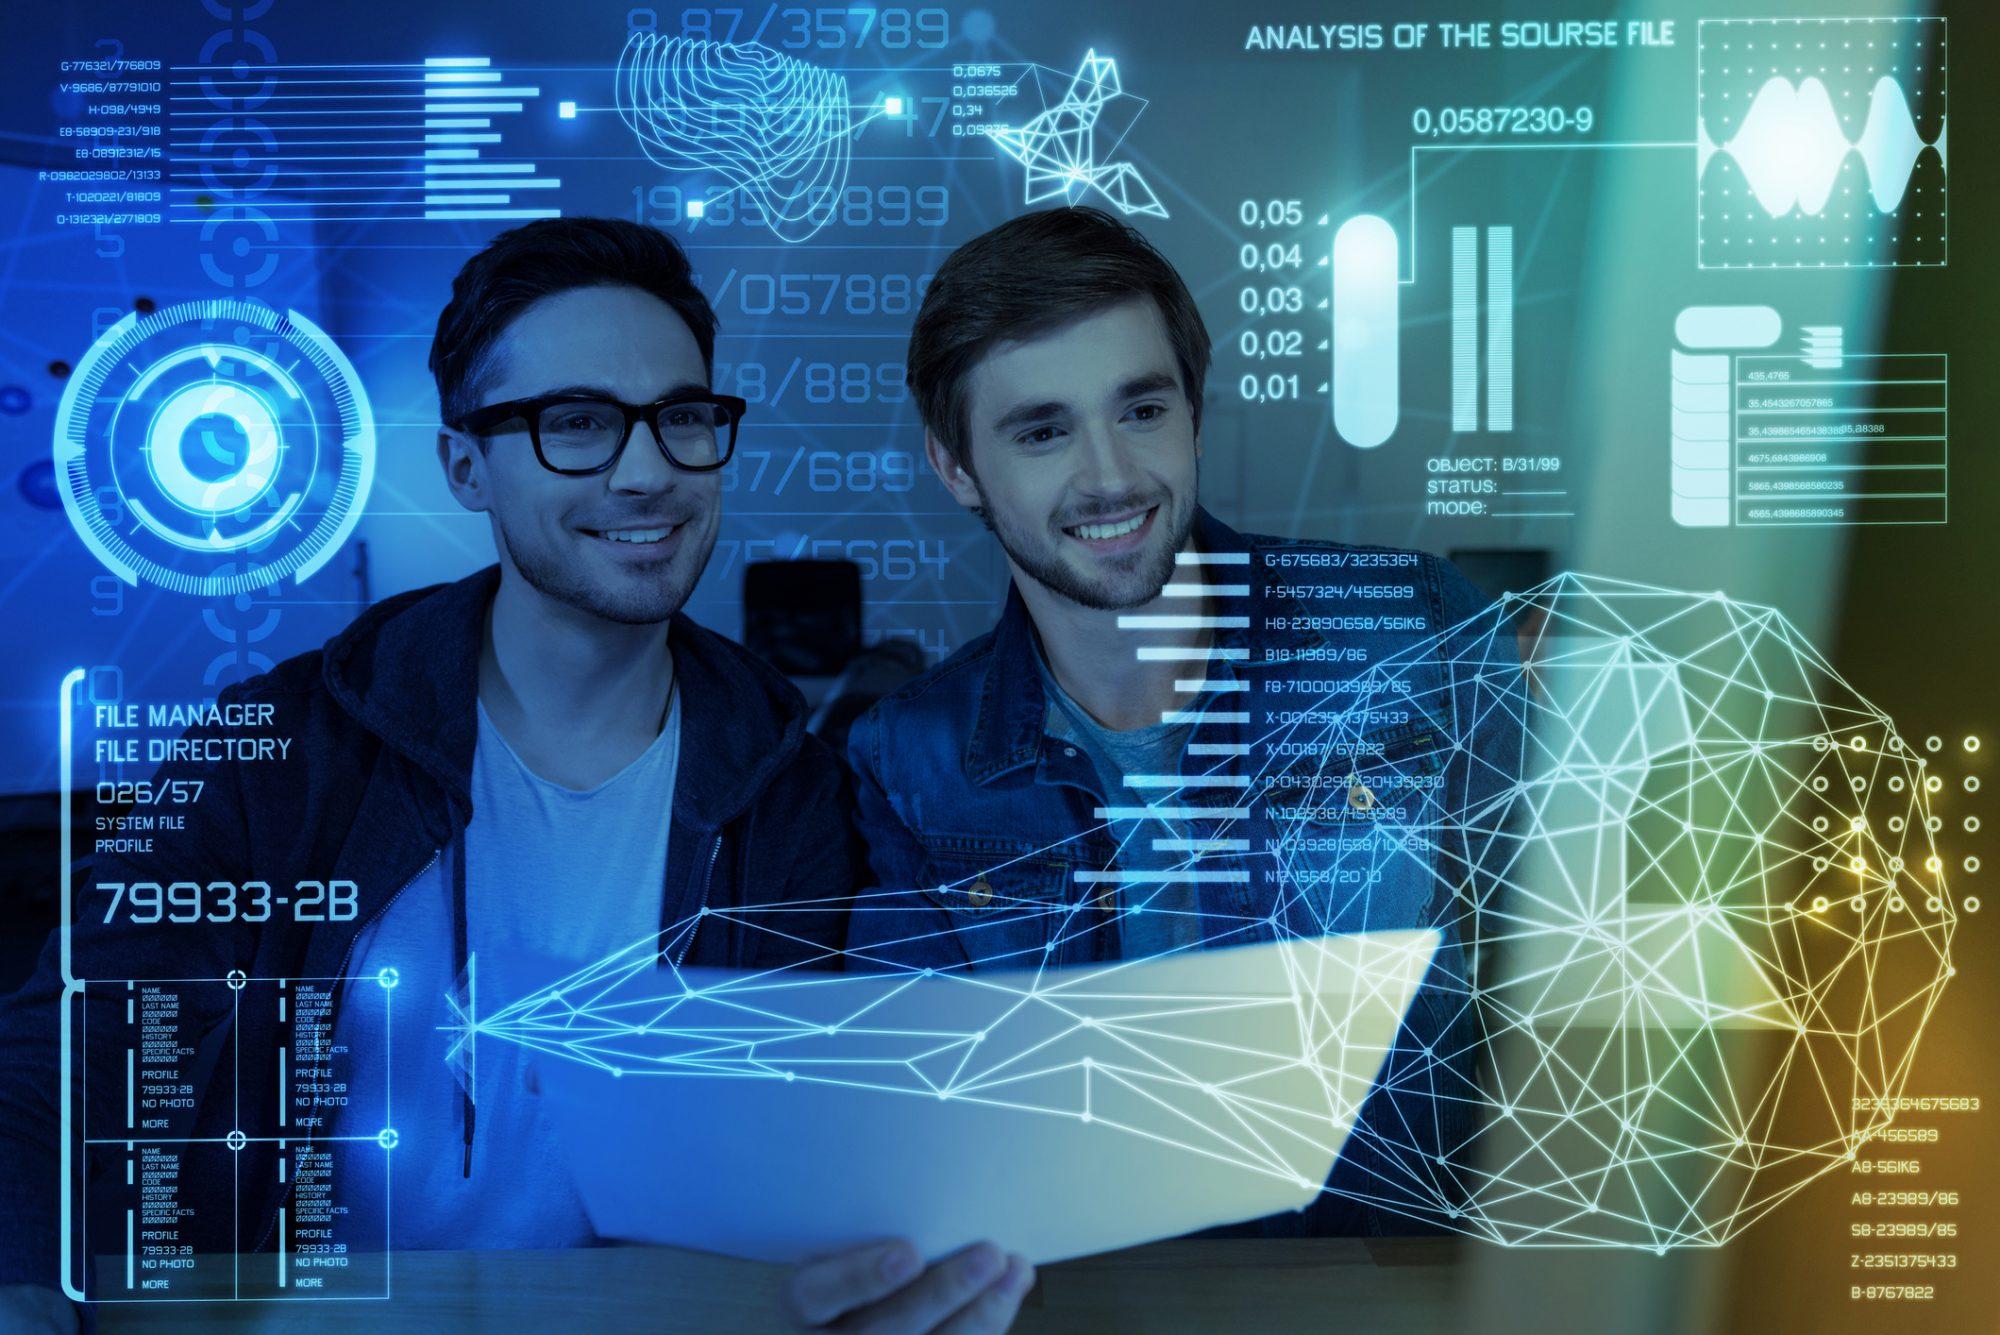 Bankmitarbeiter blicken auf Prozesscontrolling Cockpit als Sinnbild für den kontinuierlichen Verbesserungsprozess in der Prozessüberwachung